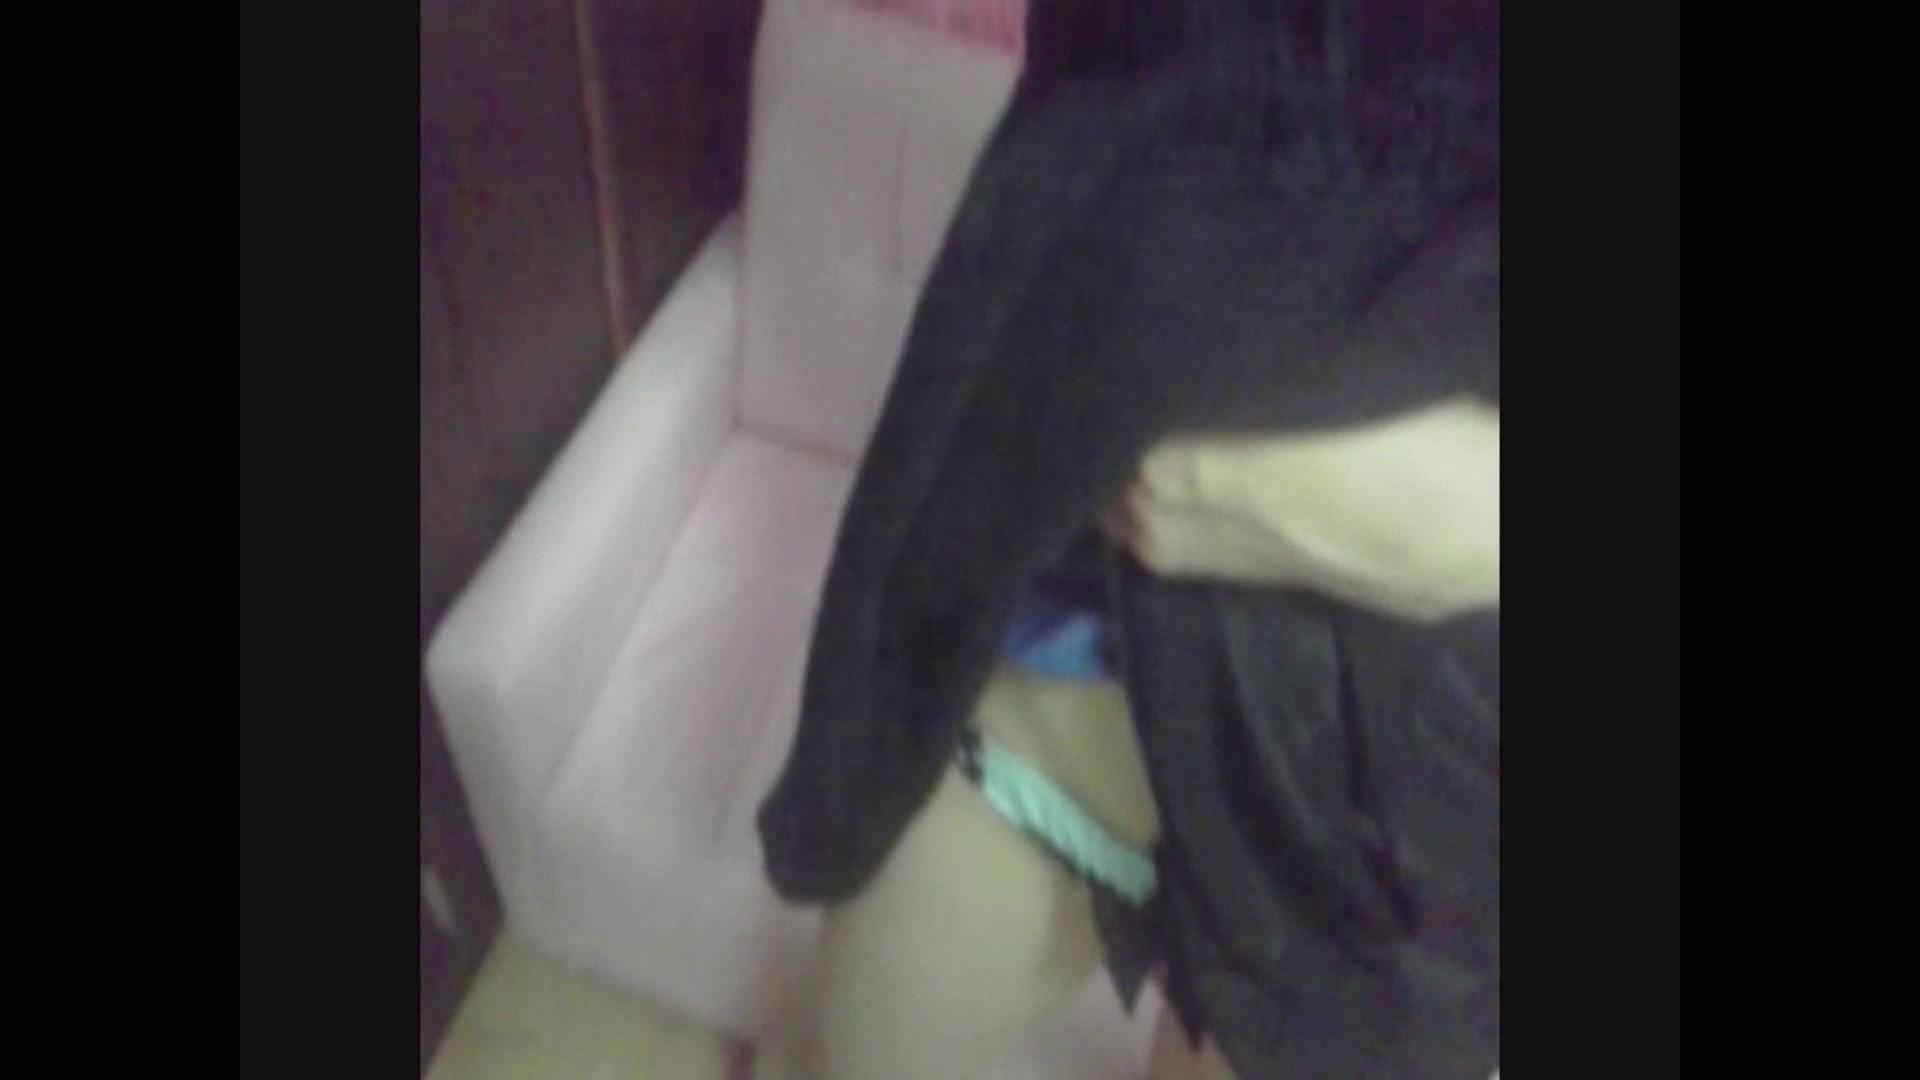 淫乱オナニー百花繚乱 Vol.04 熟女の裸体 | ギャルの乳首  85画像 17